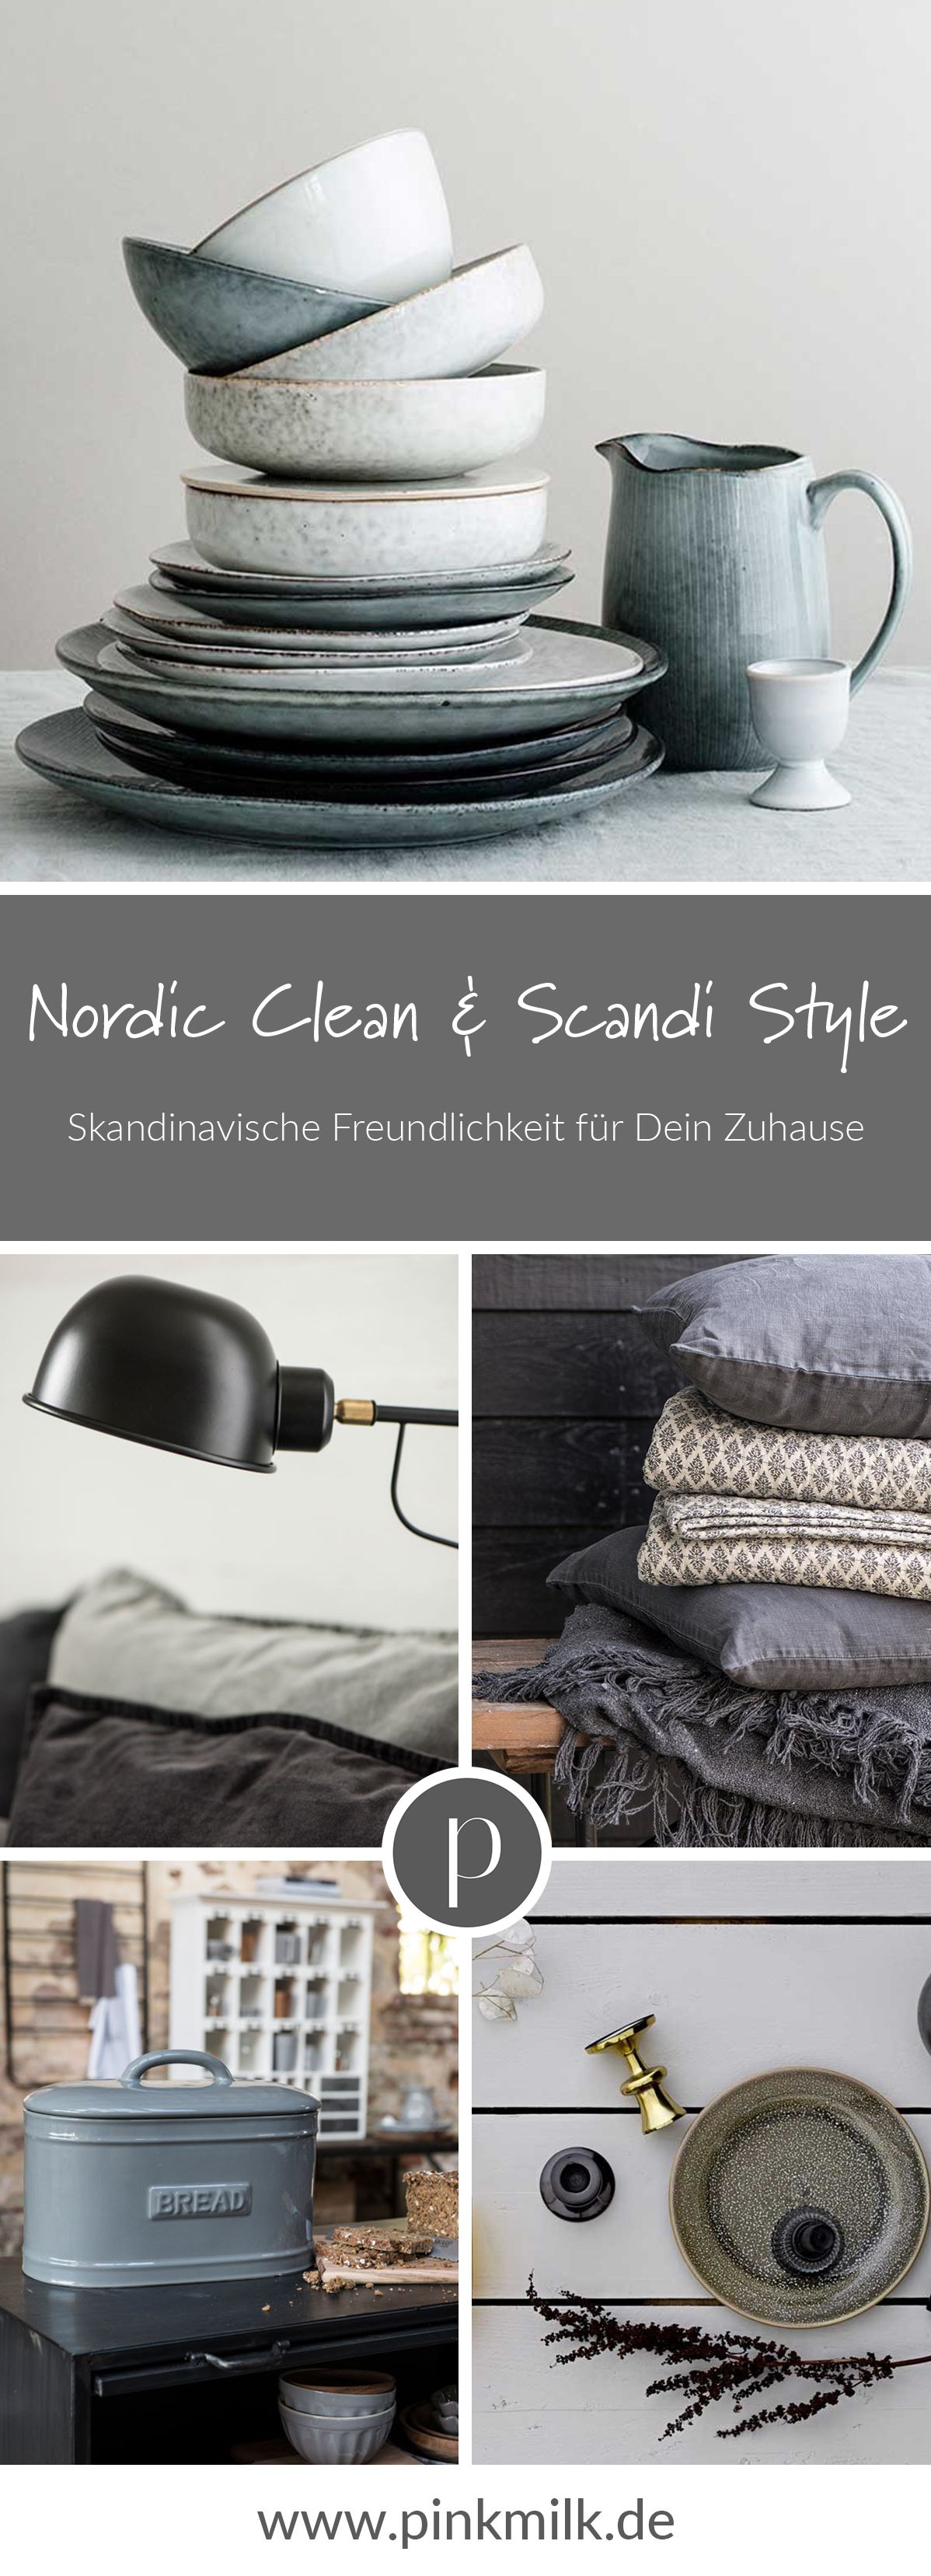 Nordic Clean Scandi Style Wir Lieben Den Lassigen Authentischen Und Minimalistischen Skandi Look Di Wohnaccessoires Nordic Wohnen Skandinavisch Einrichten